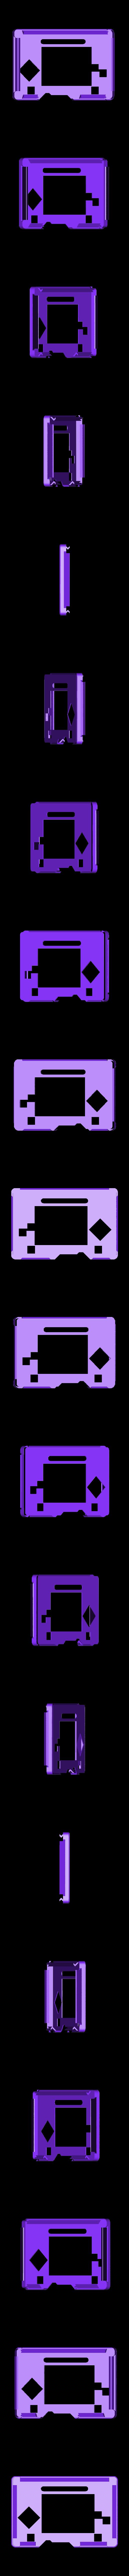 snapfit-topcover.stl Download free STL file PyBadge Case • 3D print model, Adafruit